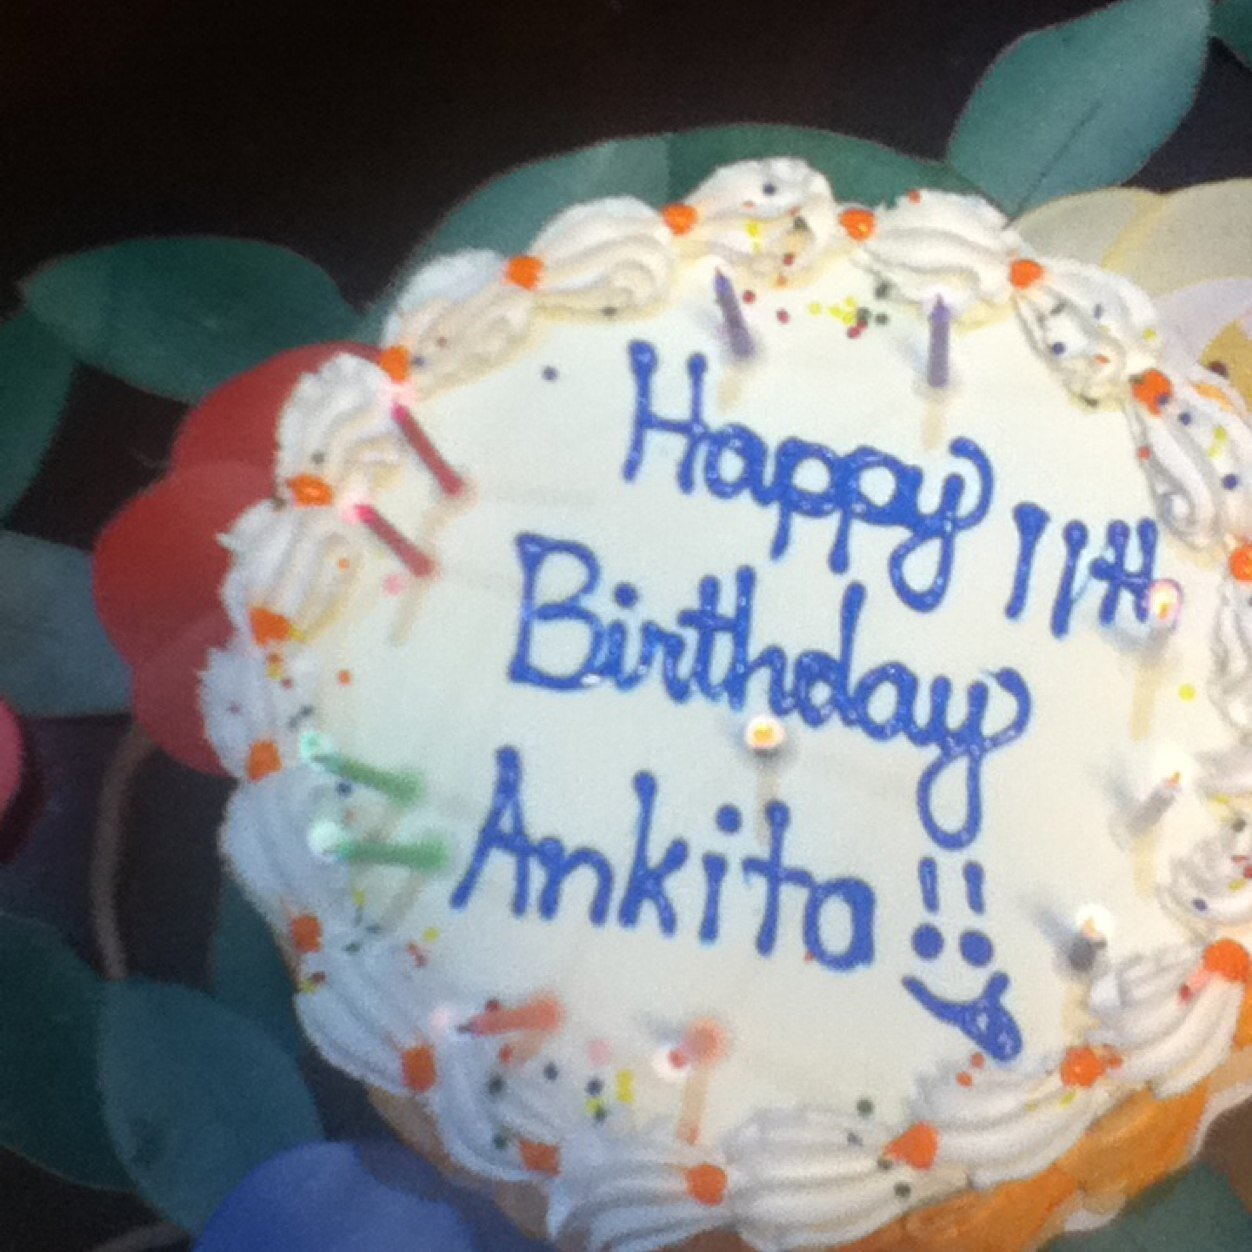 Happy Birthday Ankita Cake Images Hd Bahuma Sticker